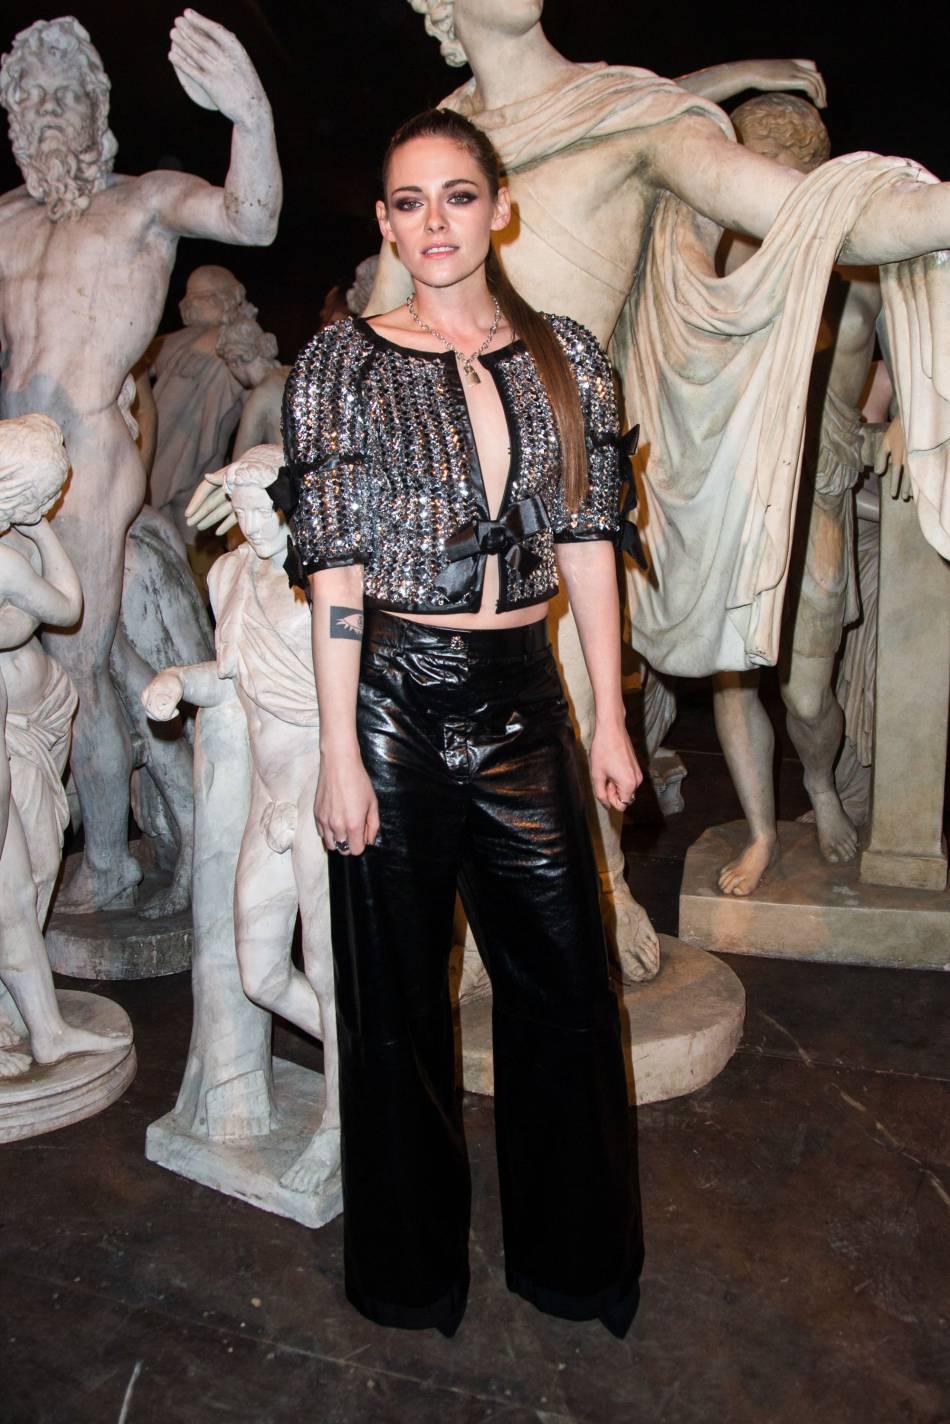 Devenue l'une des chouchoutes de Karl Lagerfeld, l'actrice assiste ici au défilé Métiers d'arts de Chanel à Rome en 2015.